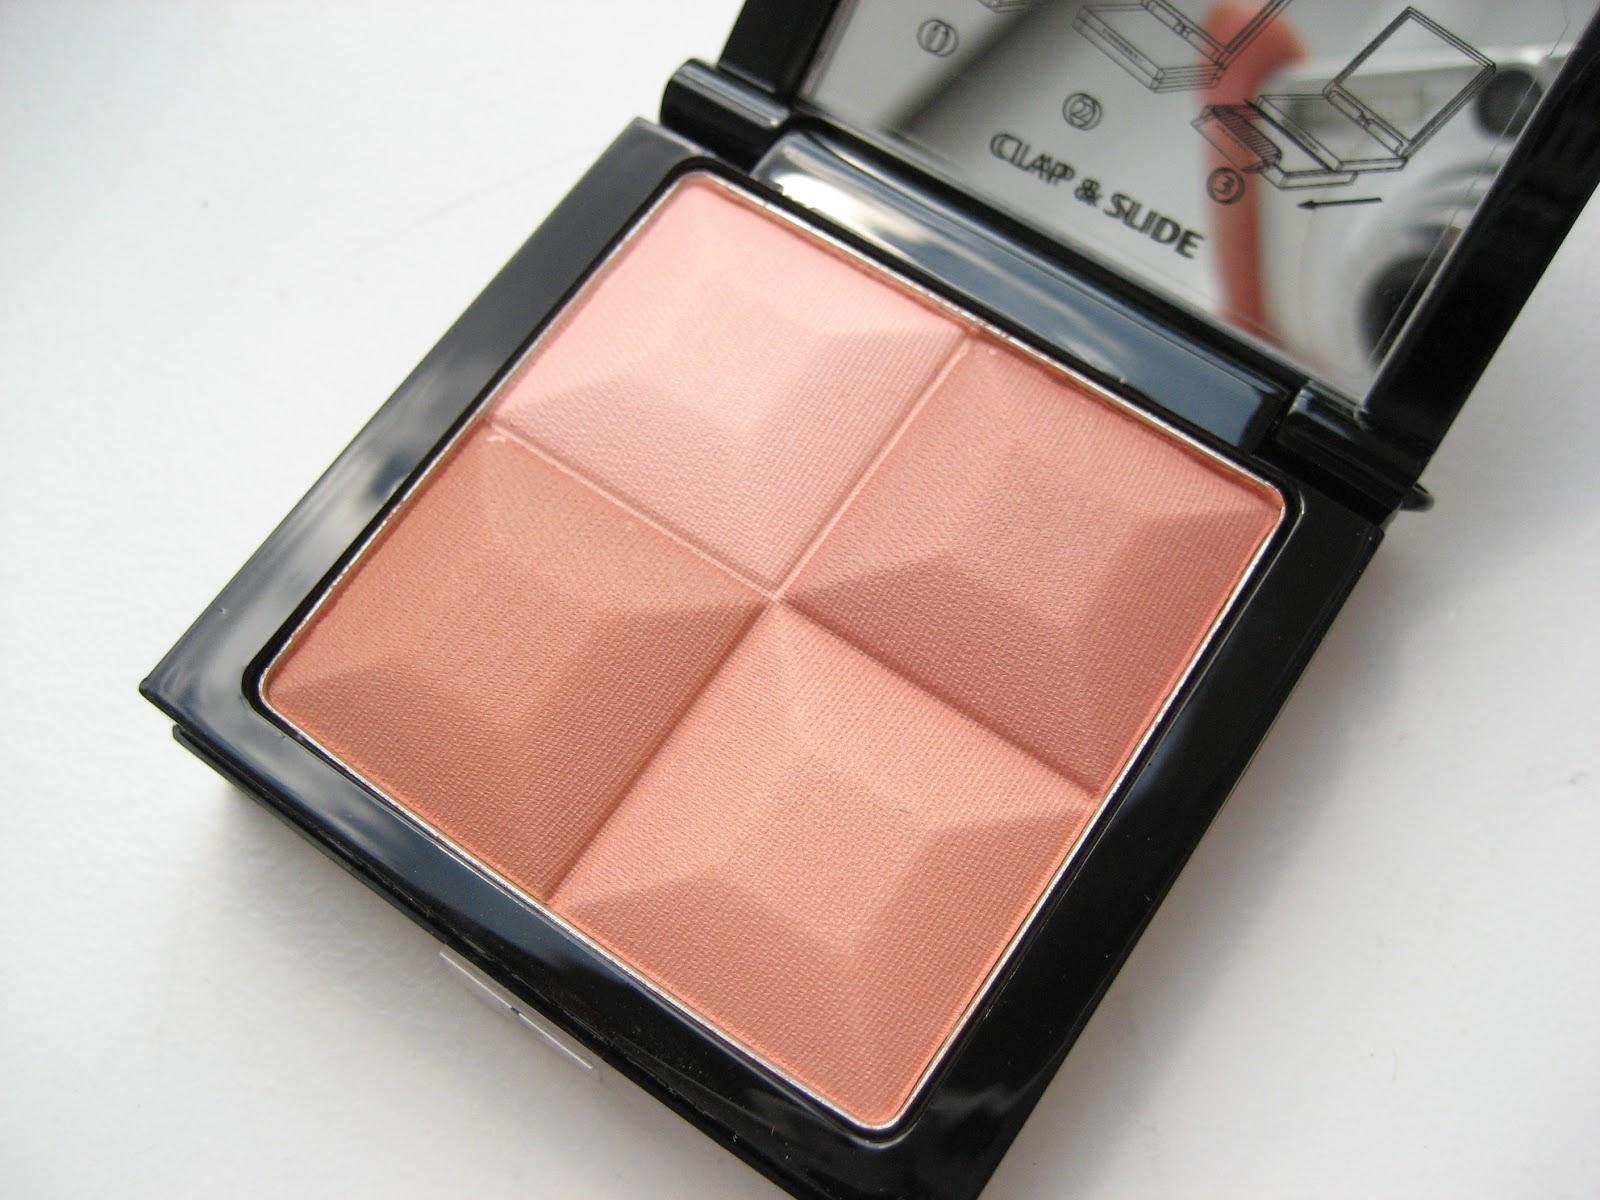 shiseido douglas